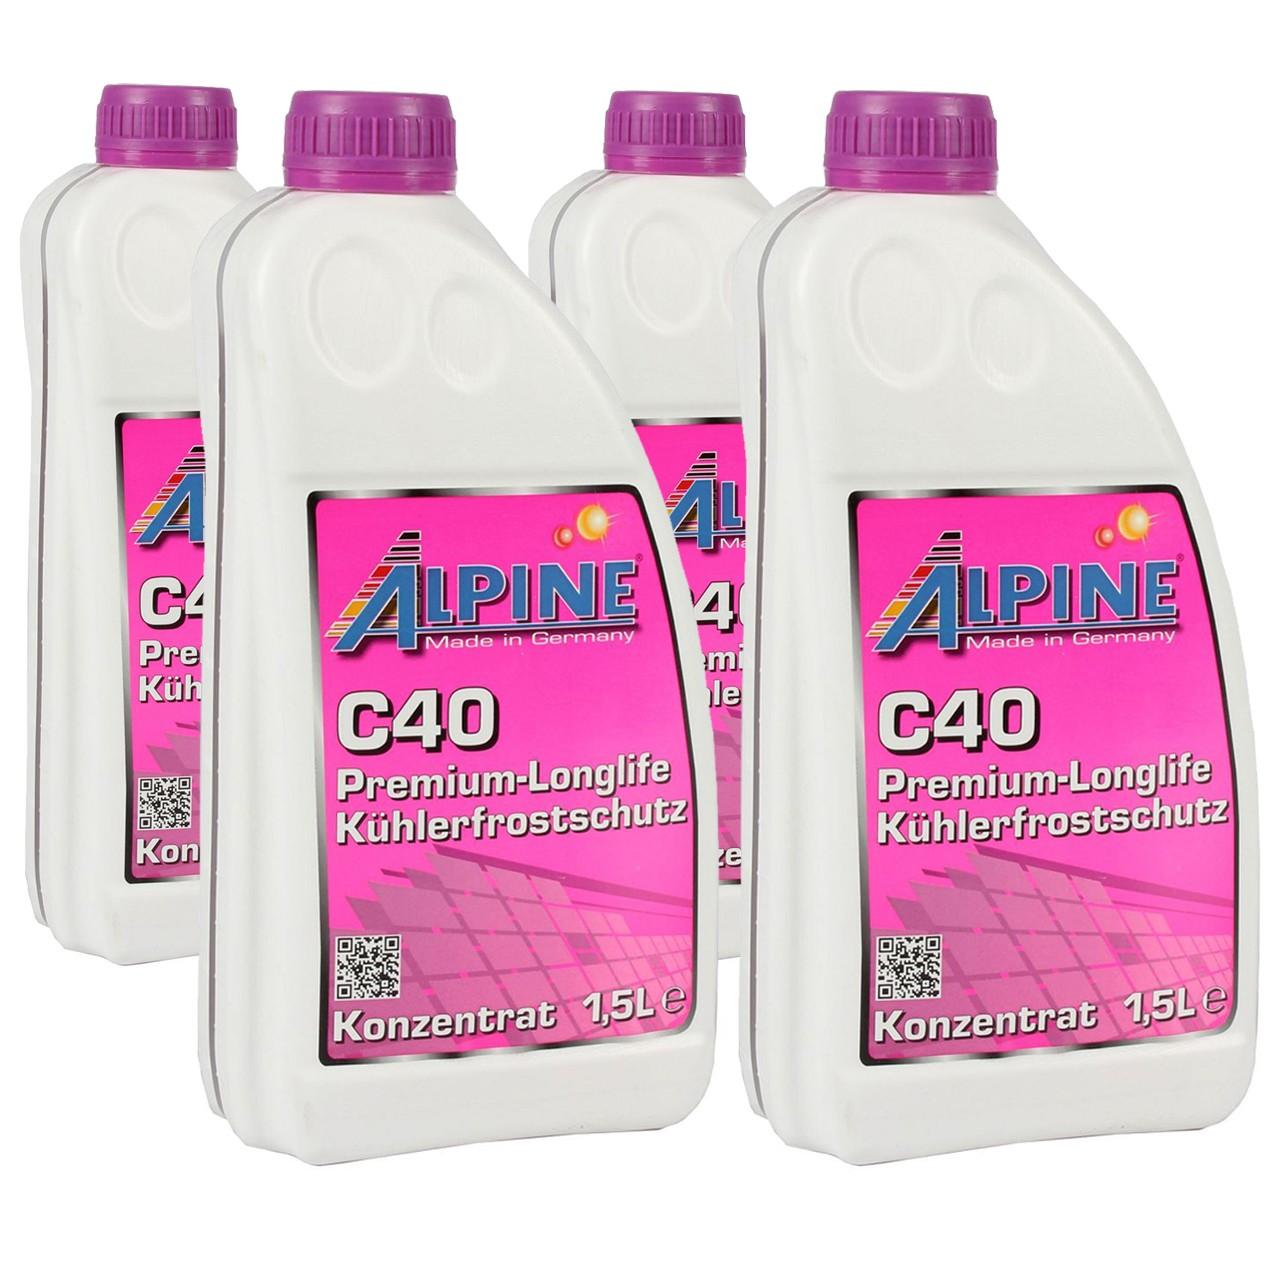 6 Liter 6L ALPINE Frostschutz Kühler Kühlerfrostschutz Konzentrat C40 G40